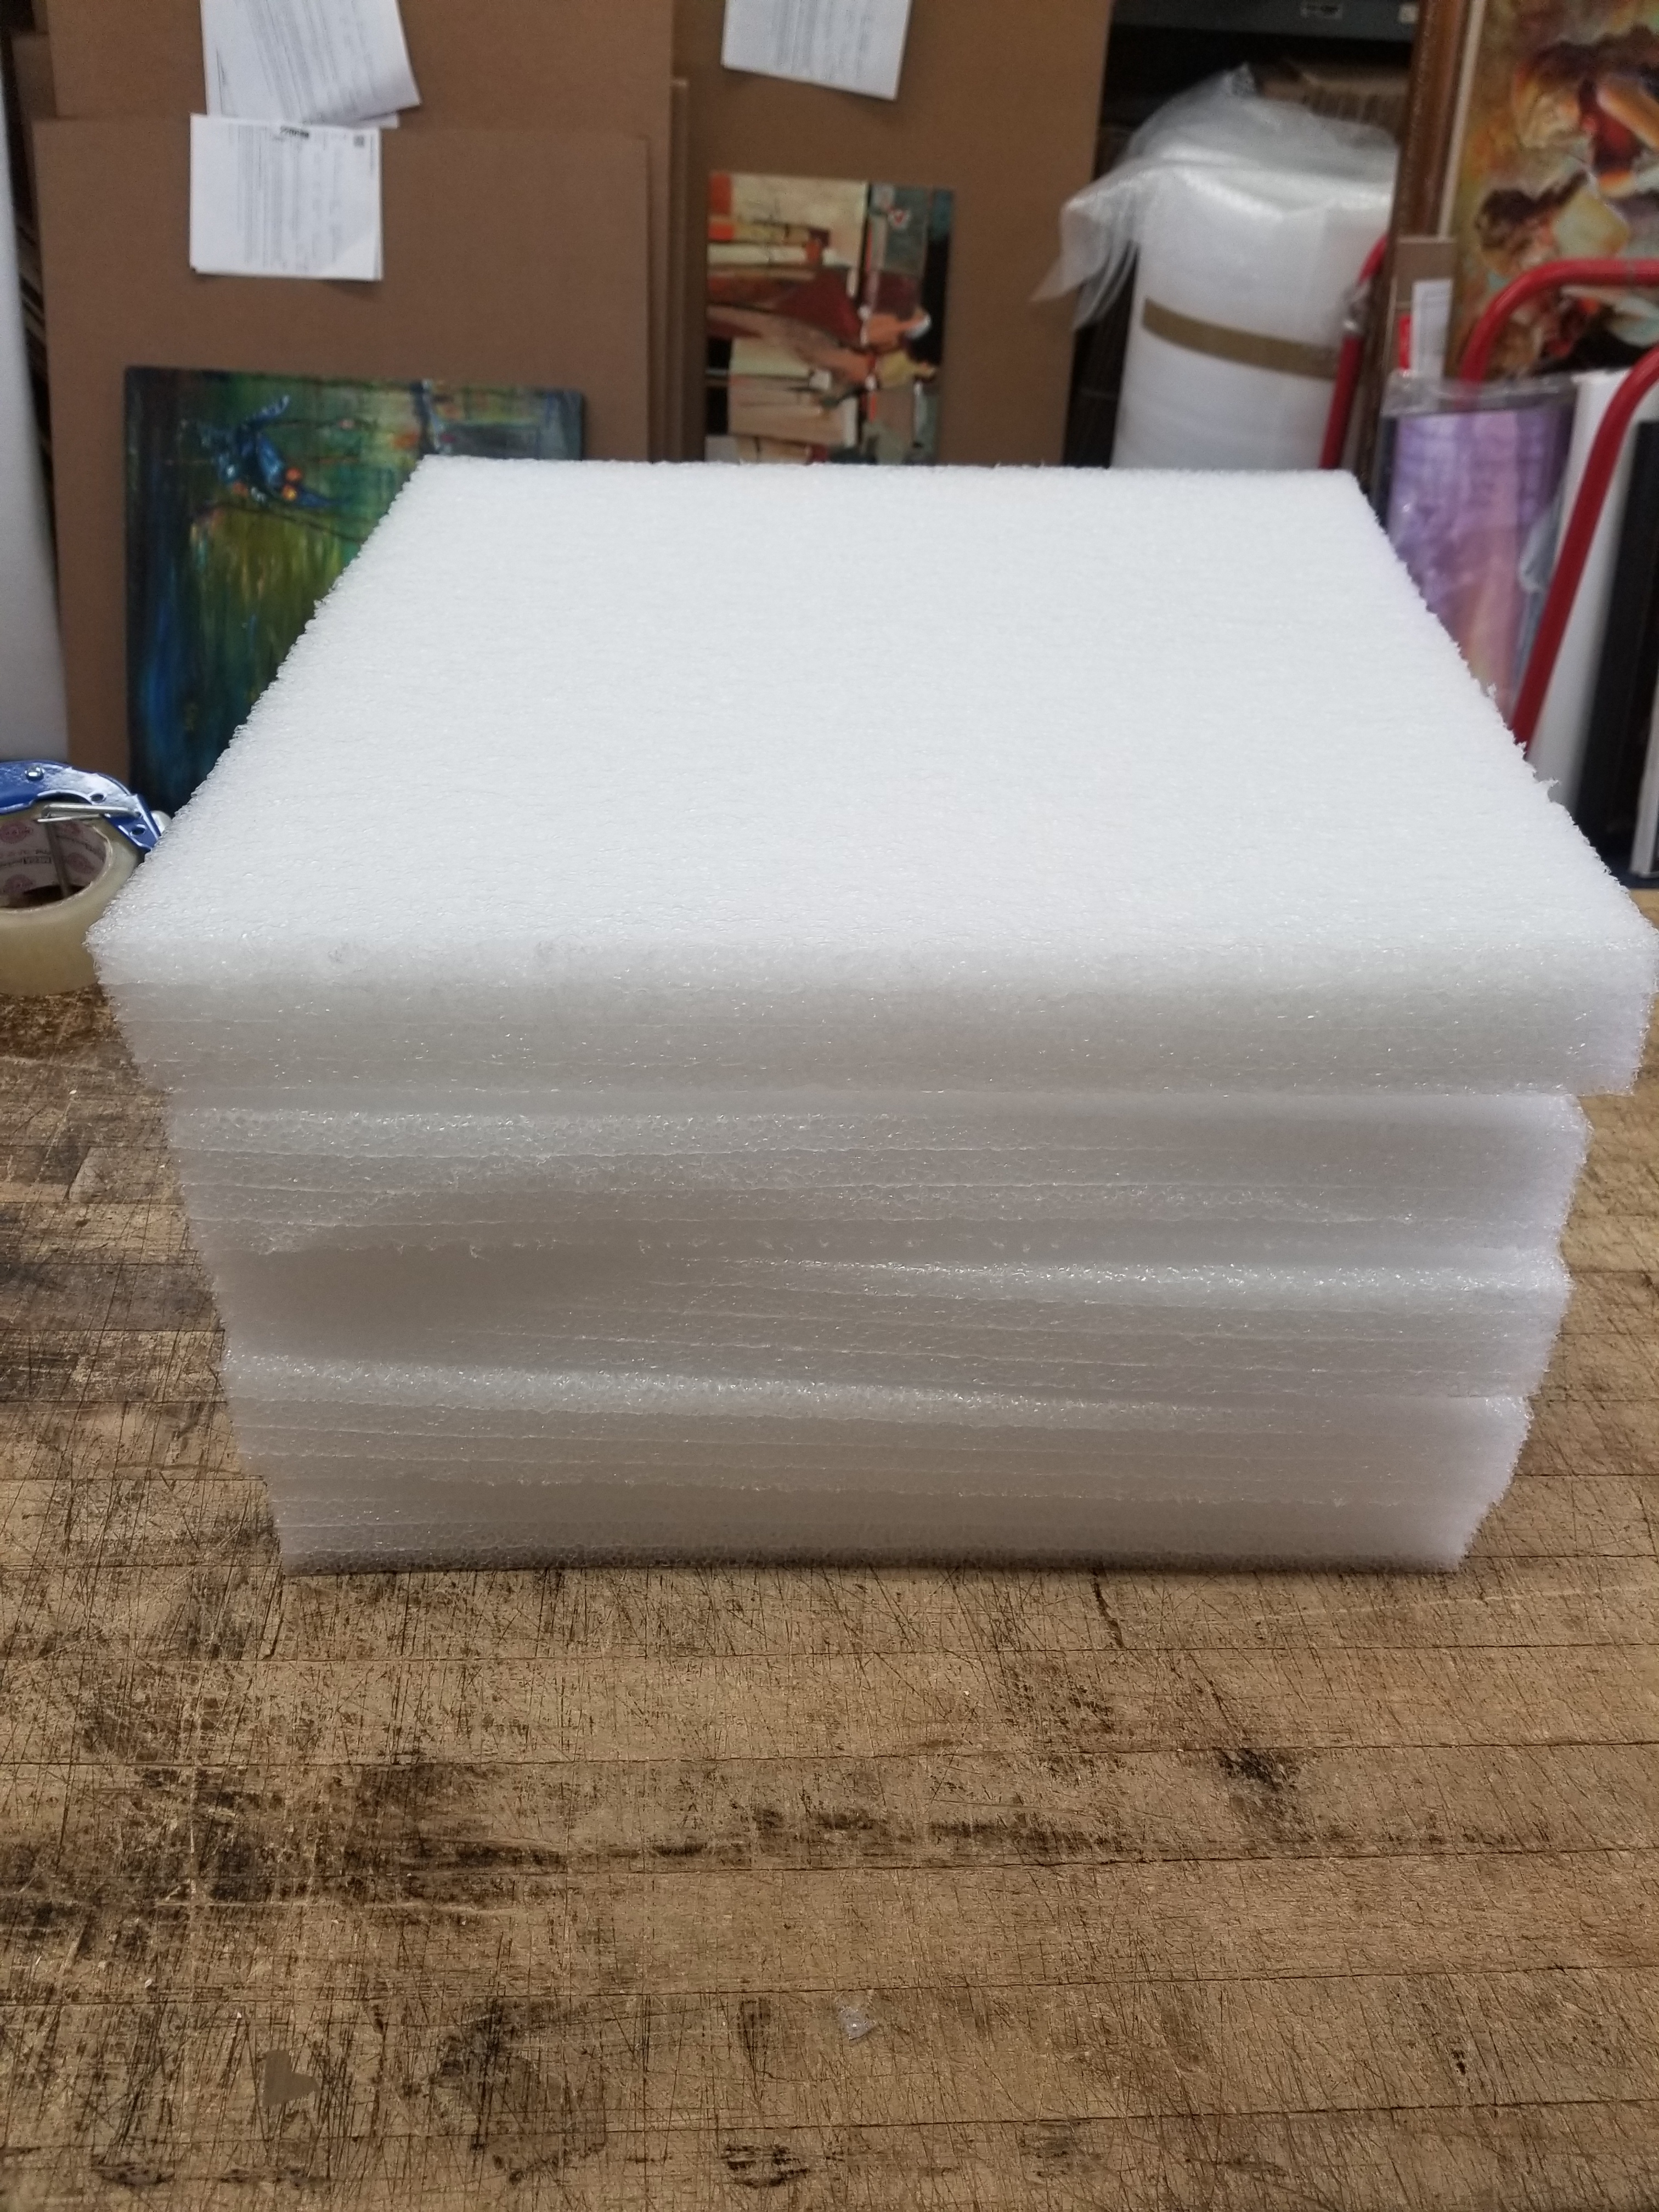 here's how we pack a Roy Lichtenstein